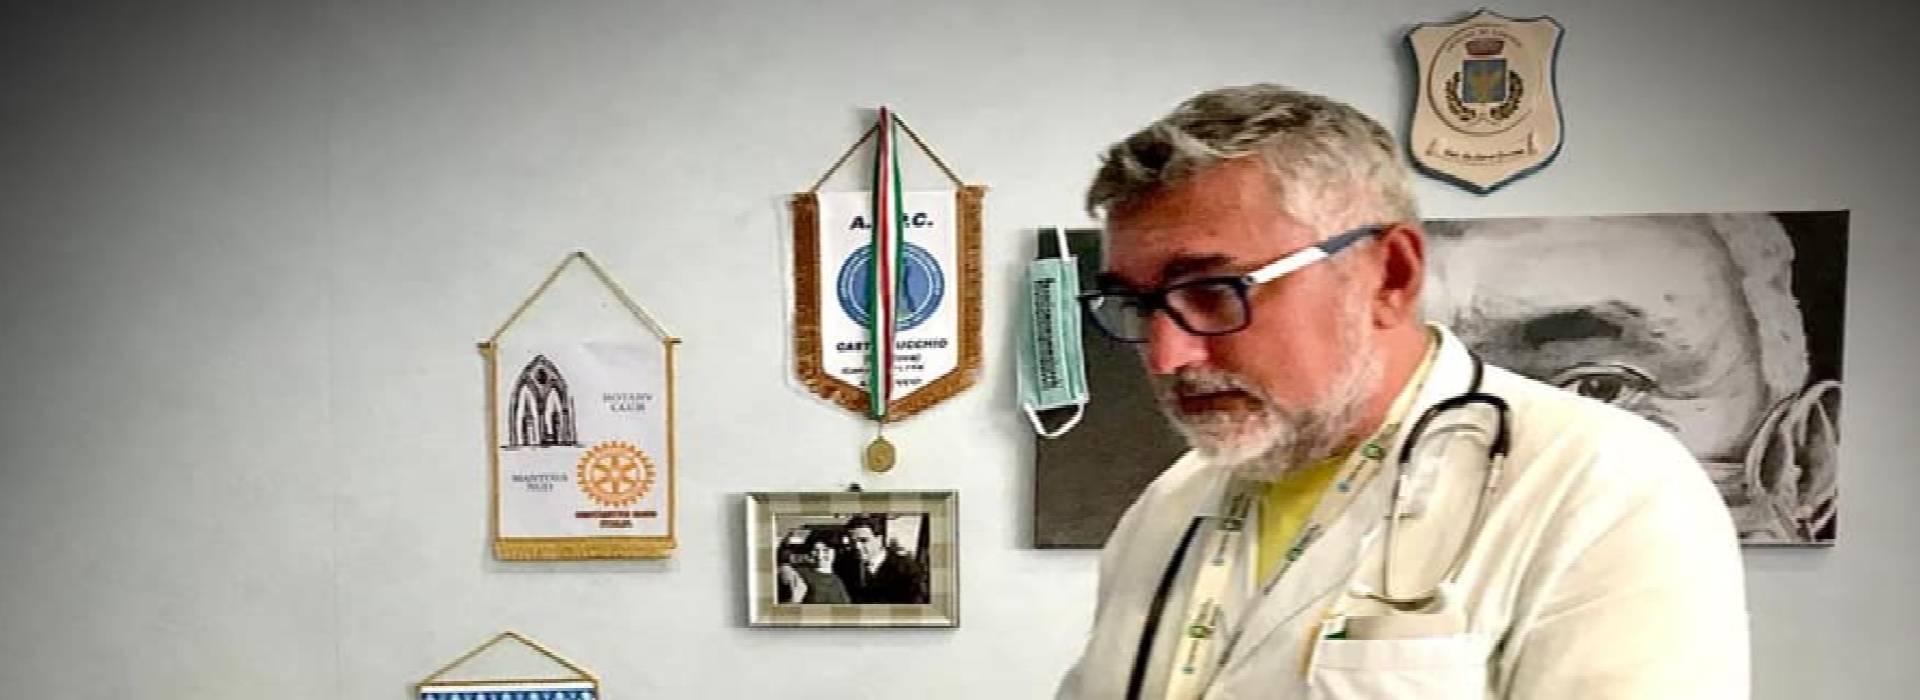 Plasma iperimmune: il silenzio (in Italia) sulla terapia del dottor De Donno e le richieste di altri Paesi